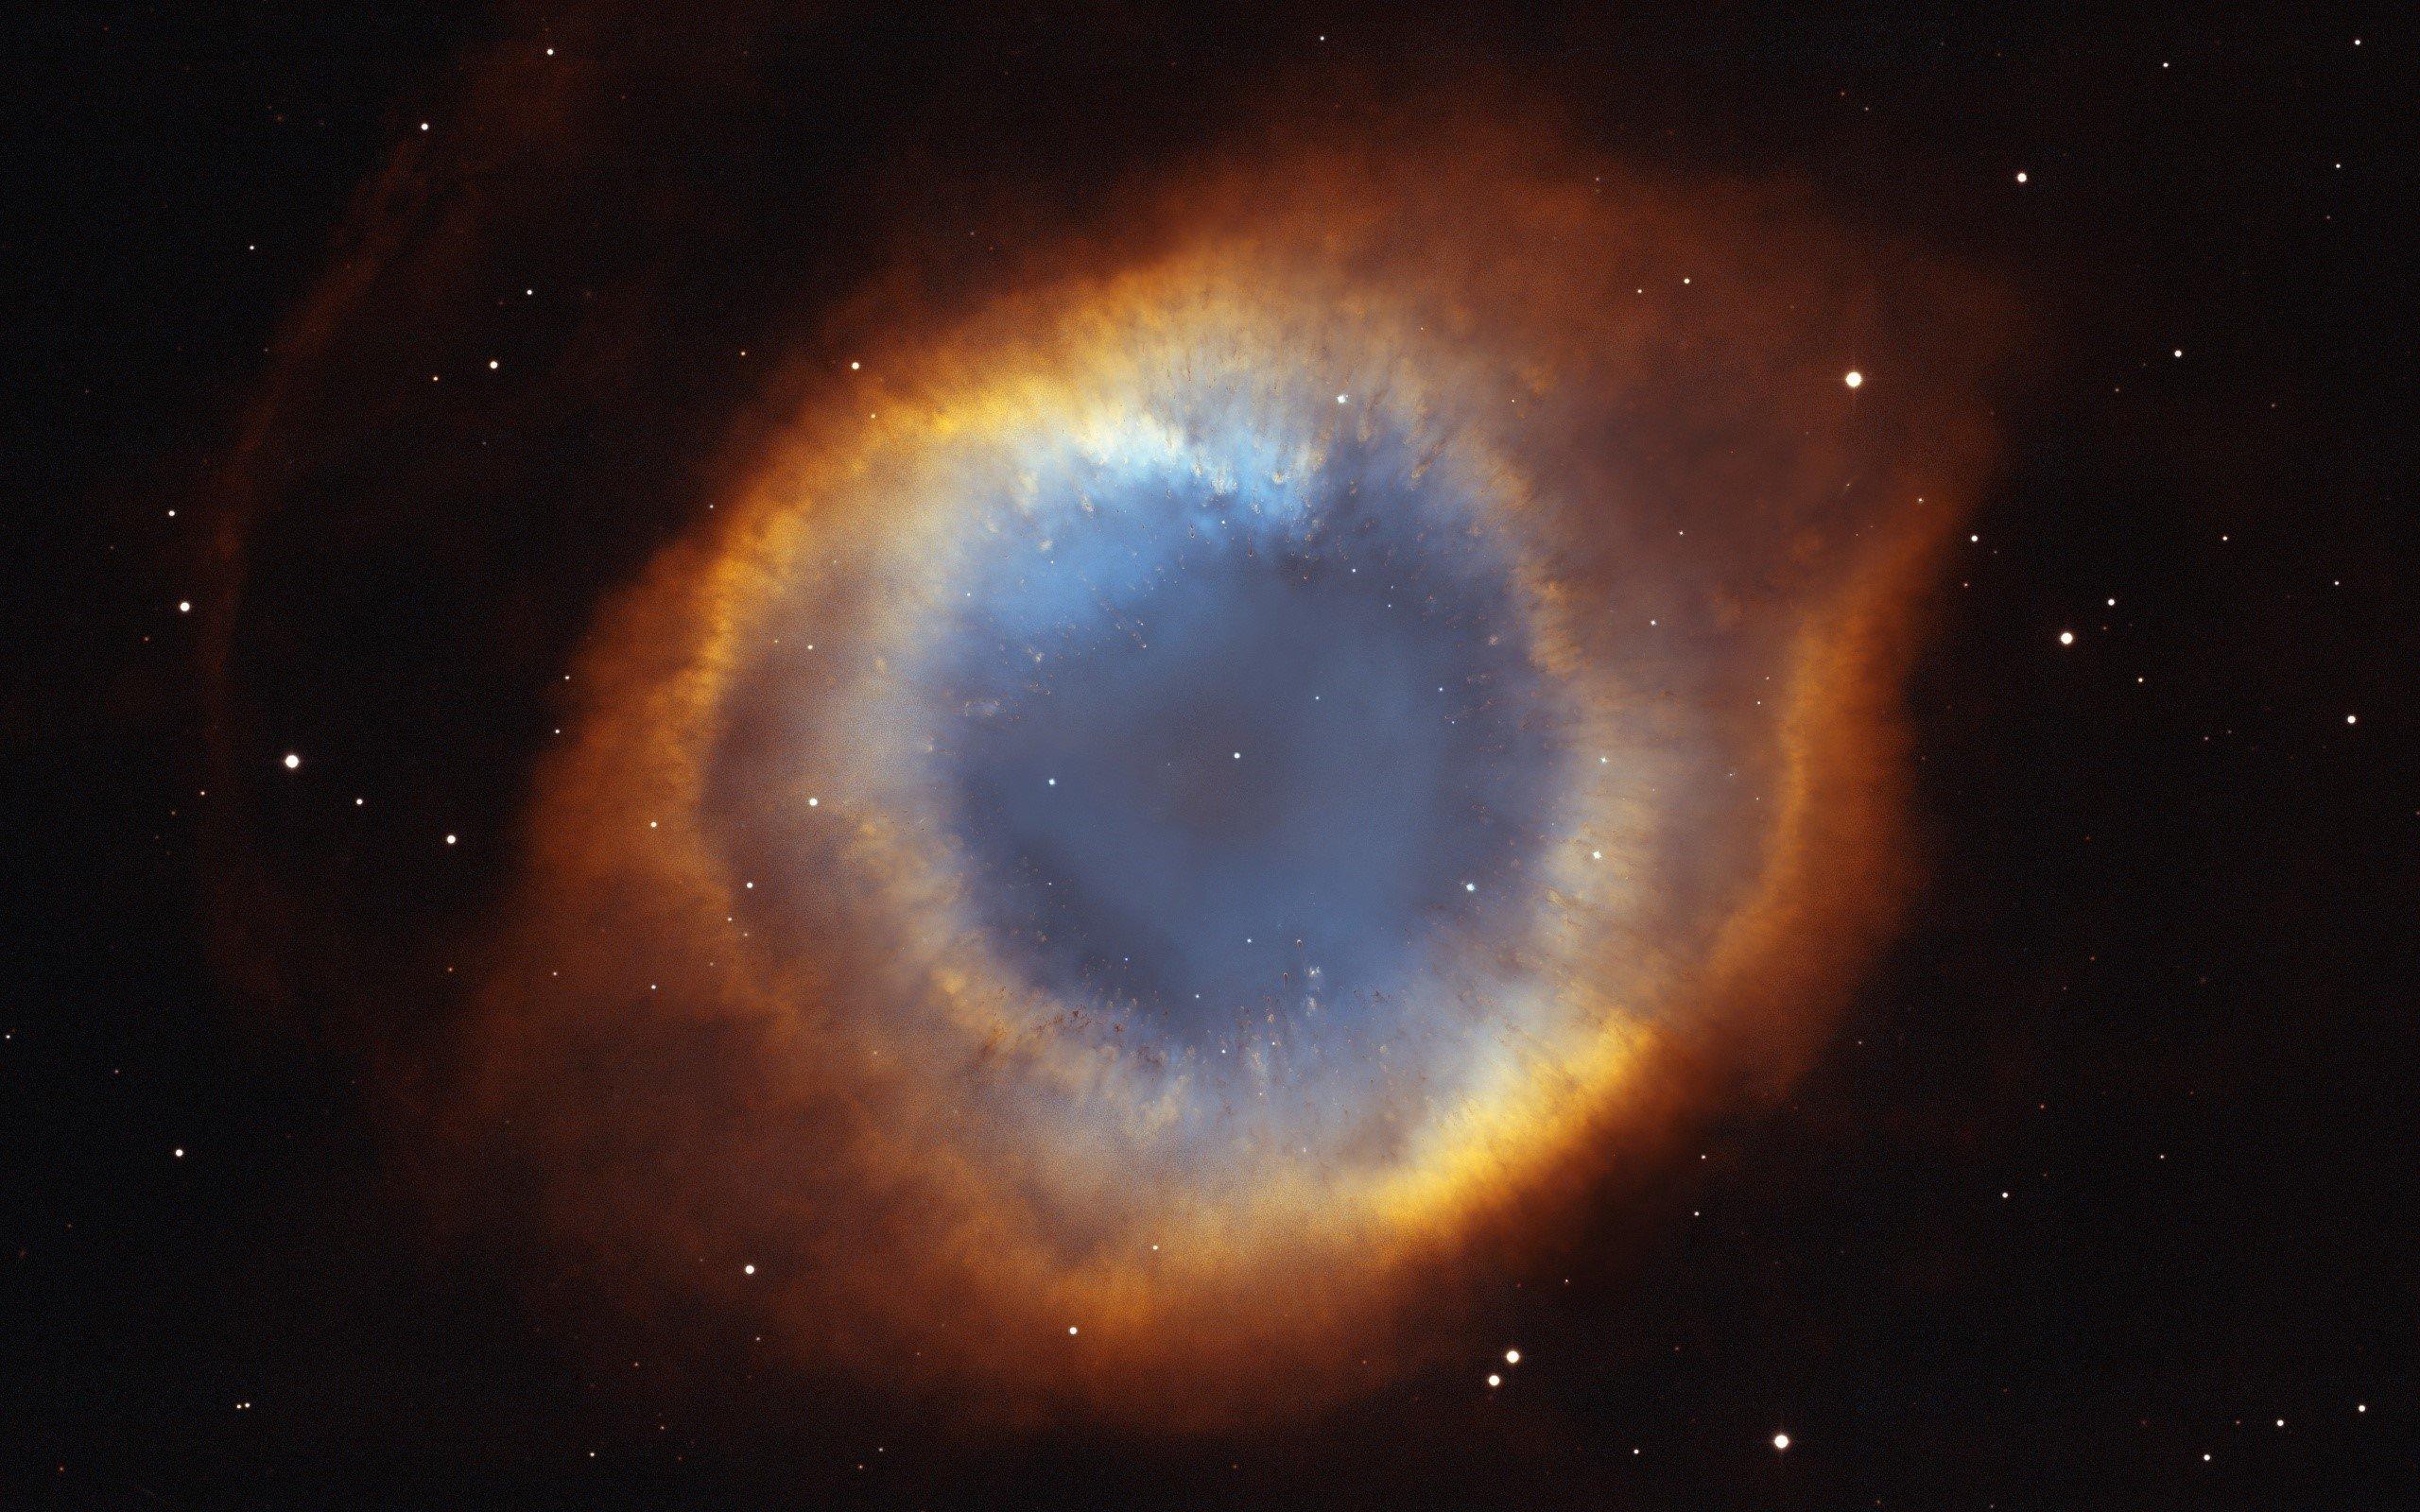 Fondos de pantalla Nebula del espacio